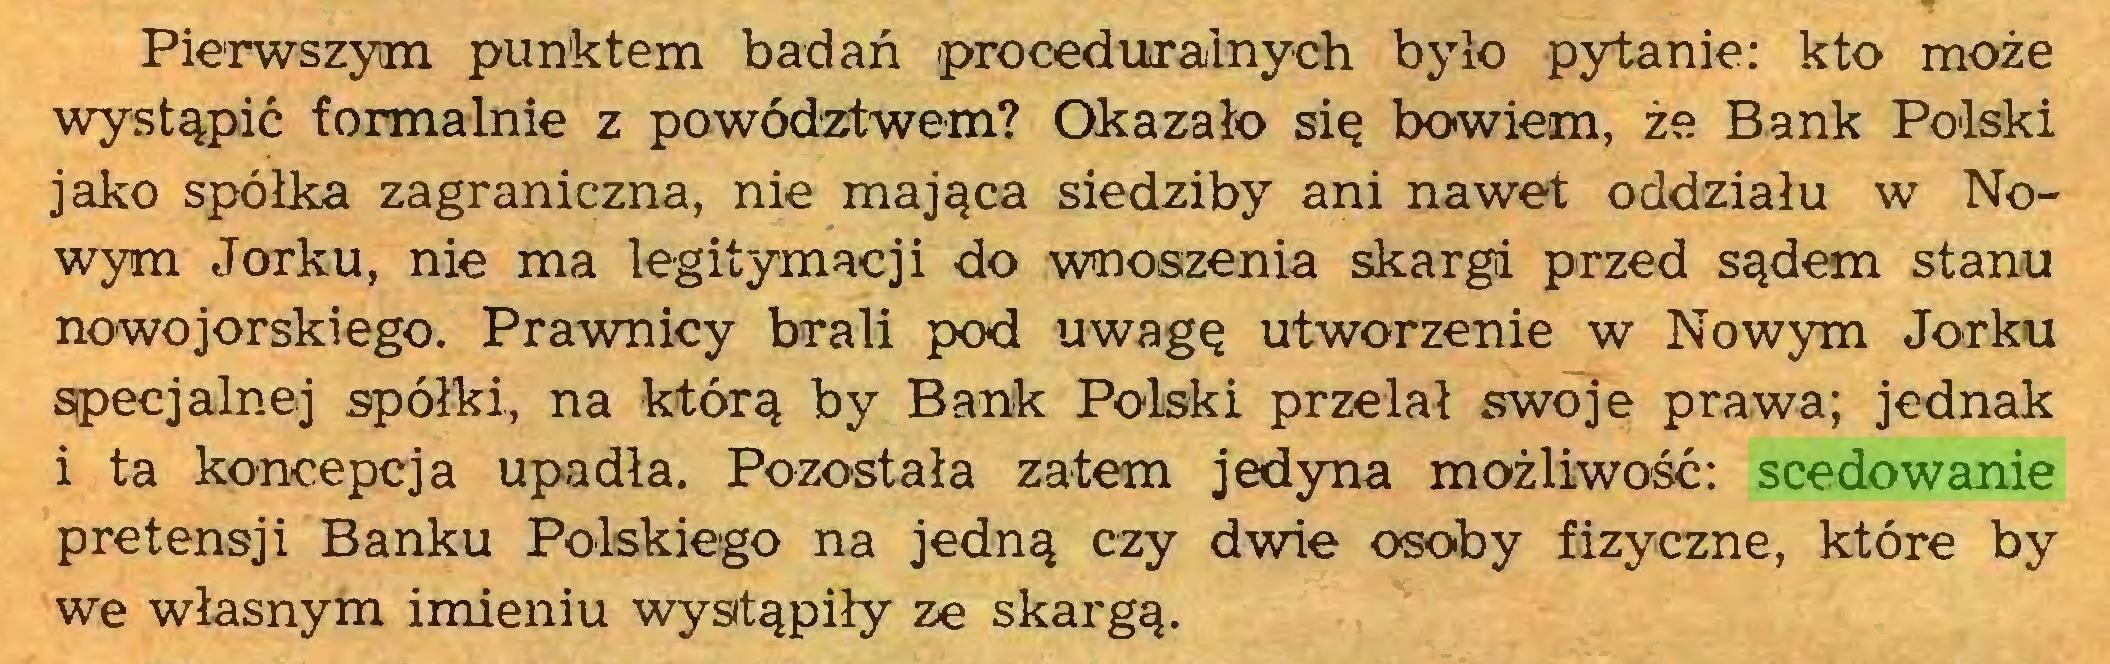 (...) Pierwszym punktem badań proceduralnych było pytanie: kto może wystąpić formalnie z powództwem? Okazało się bowiem, że Bank Polski jako spółka zagraniczna, nie mająca siedziby ani nawet oddziału w Nowym Jorku, nie ma legitymacji do wnoszenia skargi przed sądem stanu nowojorskiego. Prawnicy brali pod uwagę utworzenie w Nowym Jorku specjalnej spółki, na którą by Bank Polski przelał swoje prawa; jednak i ta koncepcja upadła. Pozostała zatem jedyna możliwość: scedowanie pretensji Banku Polskiego na jedną czy dwie osoby fizyczne, które by we własnym imieniu wystąpiły ze skargą...